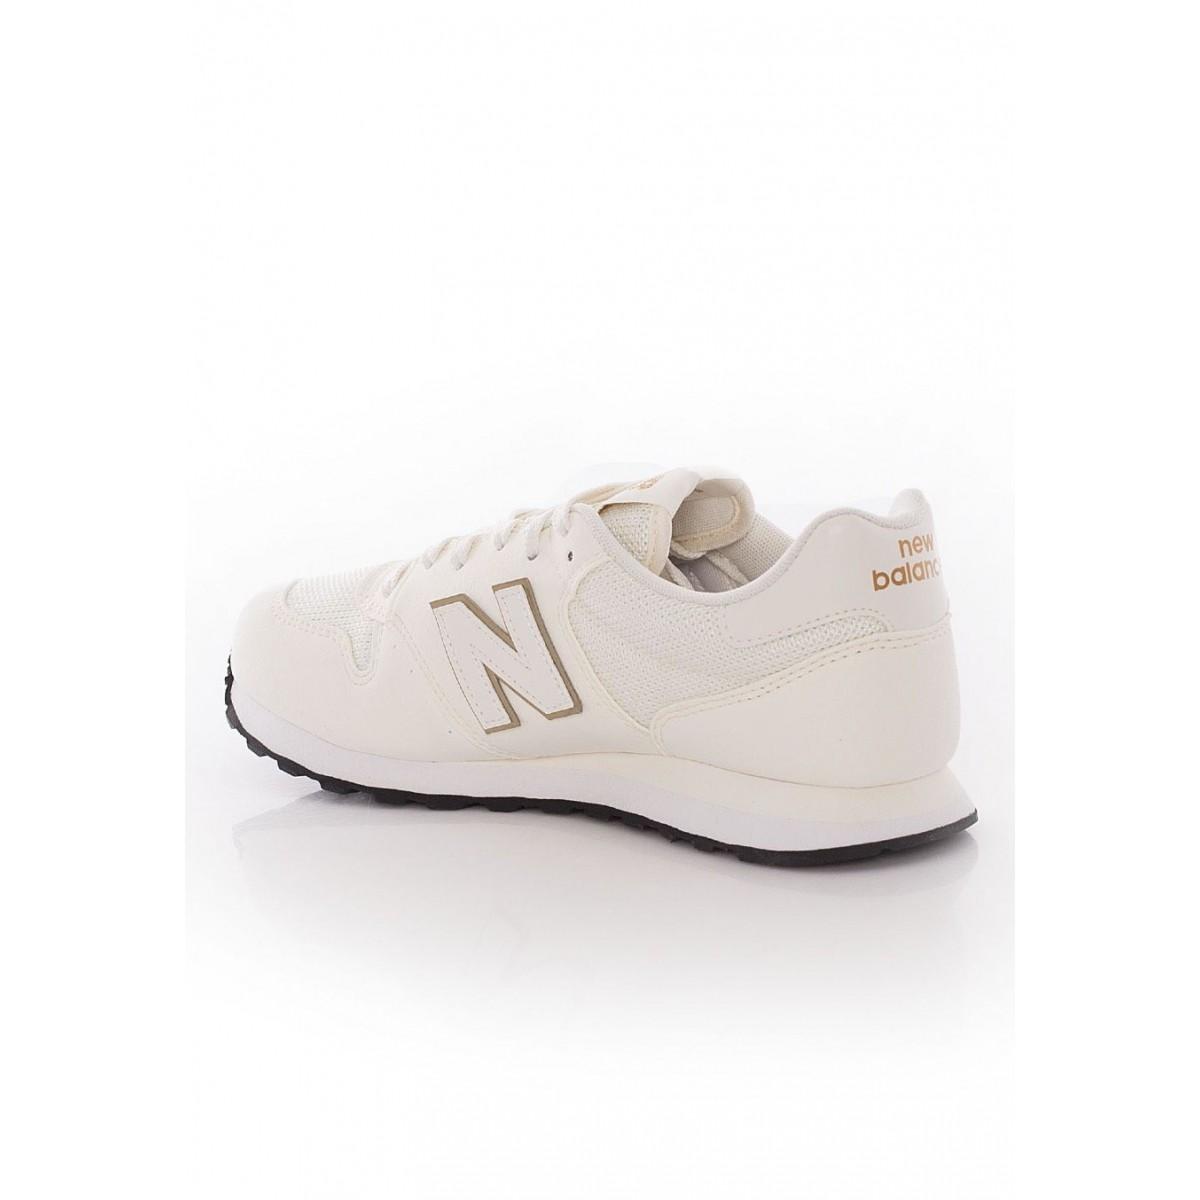 160bb8440f46c ... New Balance Zapatilla Mujer GW500 OGO Blancas y Doradas ...